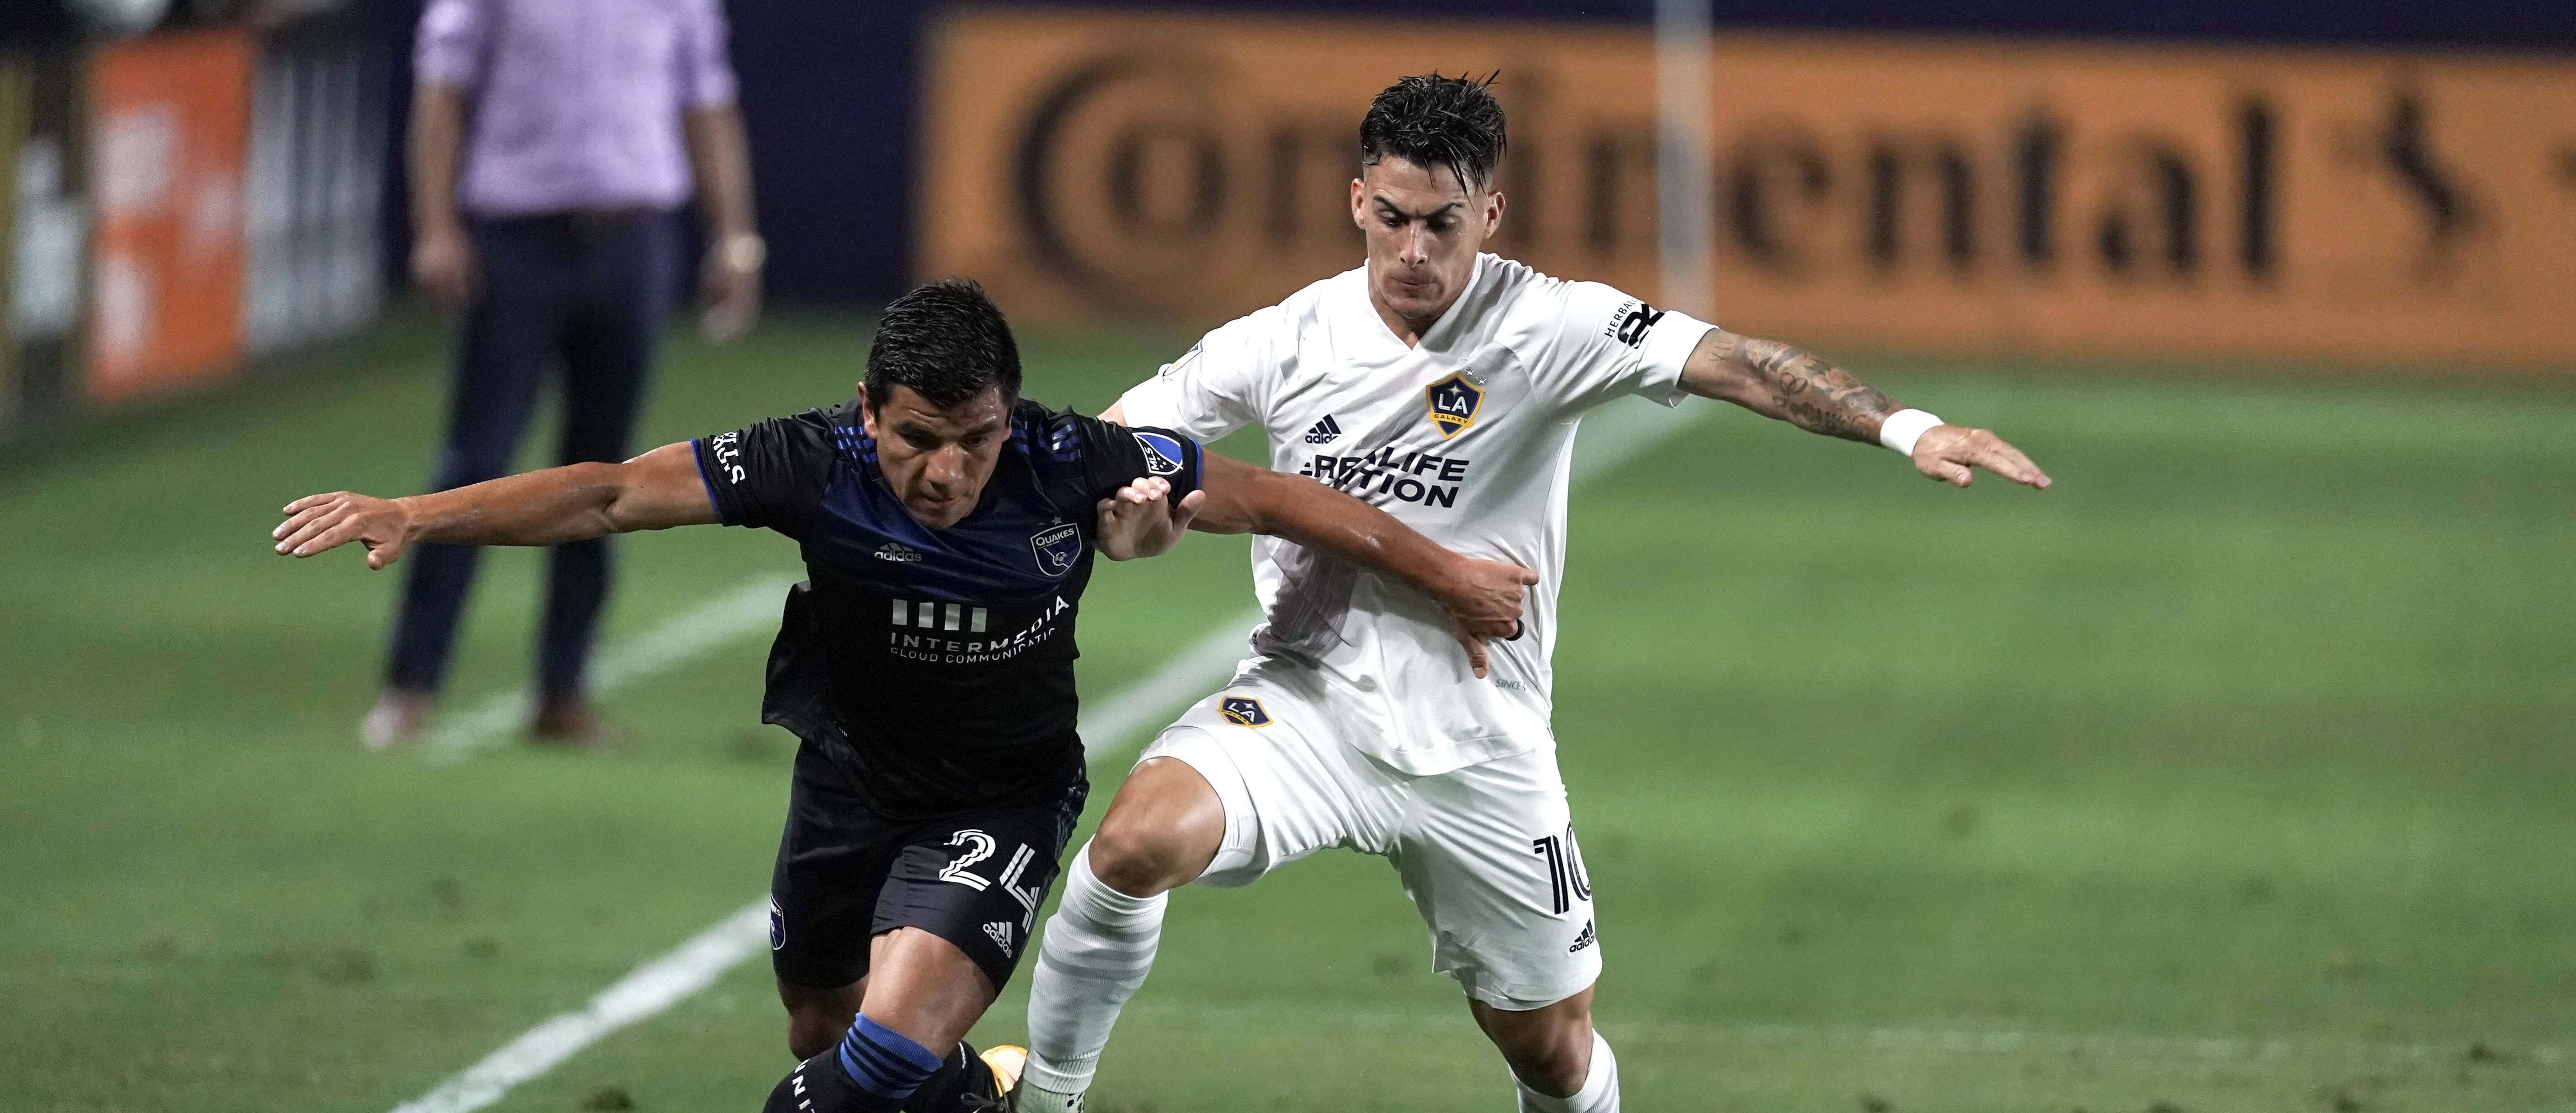 LA Galaxy 0, San Jose Earthquakes 4   2020 MLS Match Recap   MLSSoccer.com